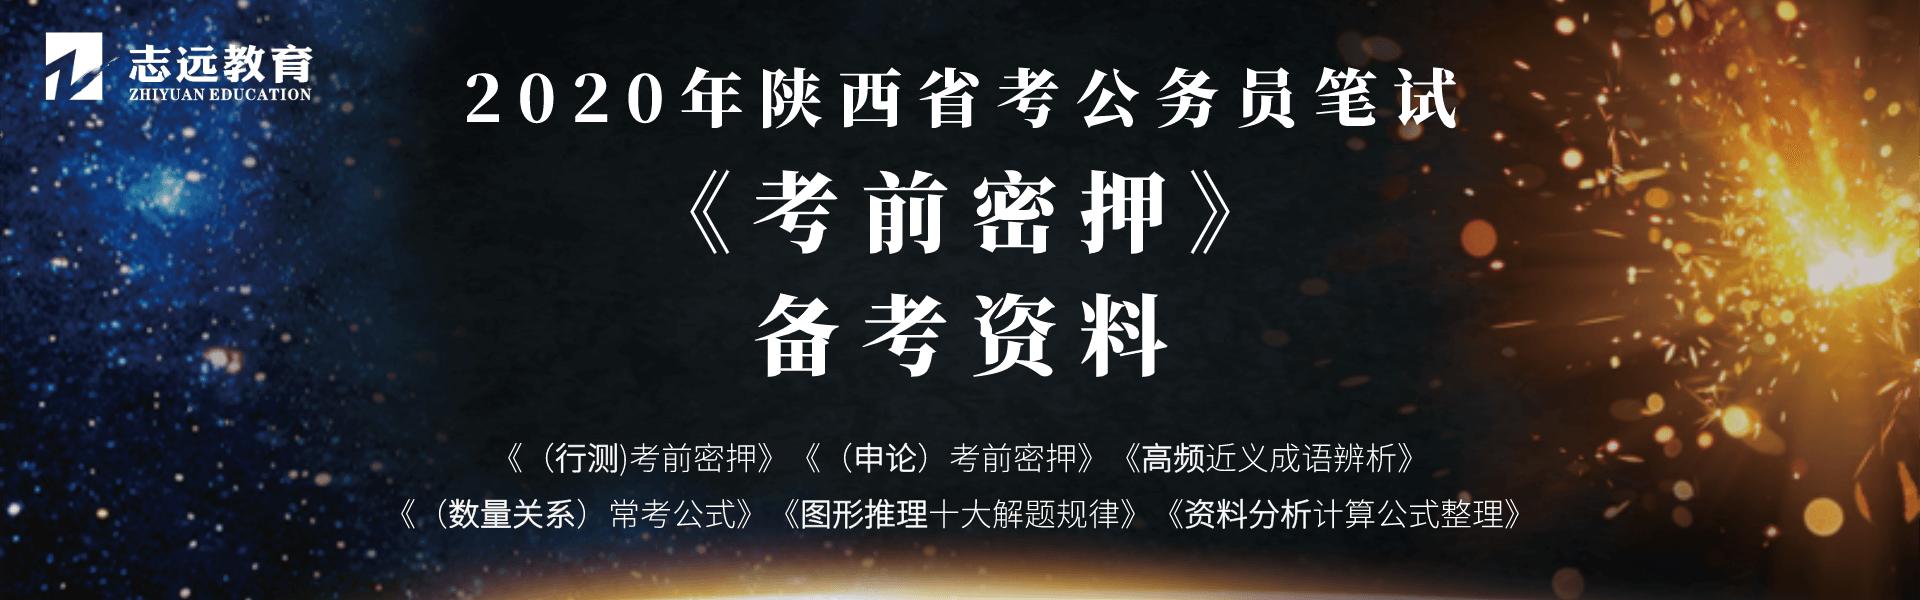 2020陕西公务员考试咸阳考点(咸阳中学)(图2)